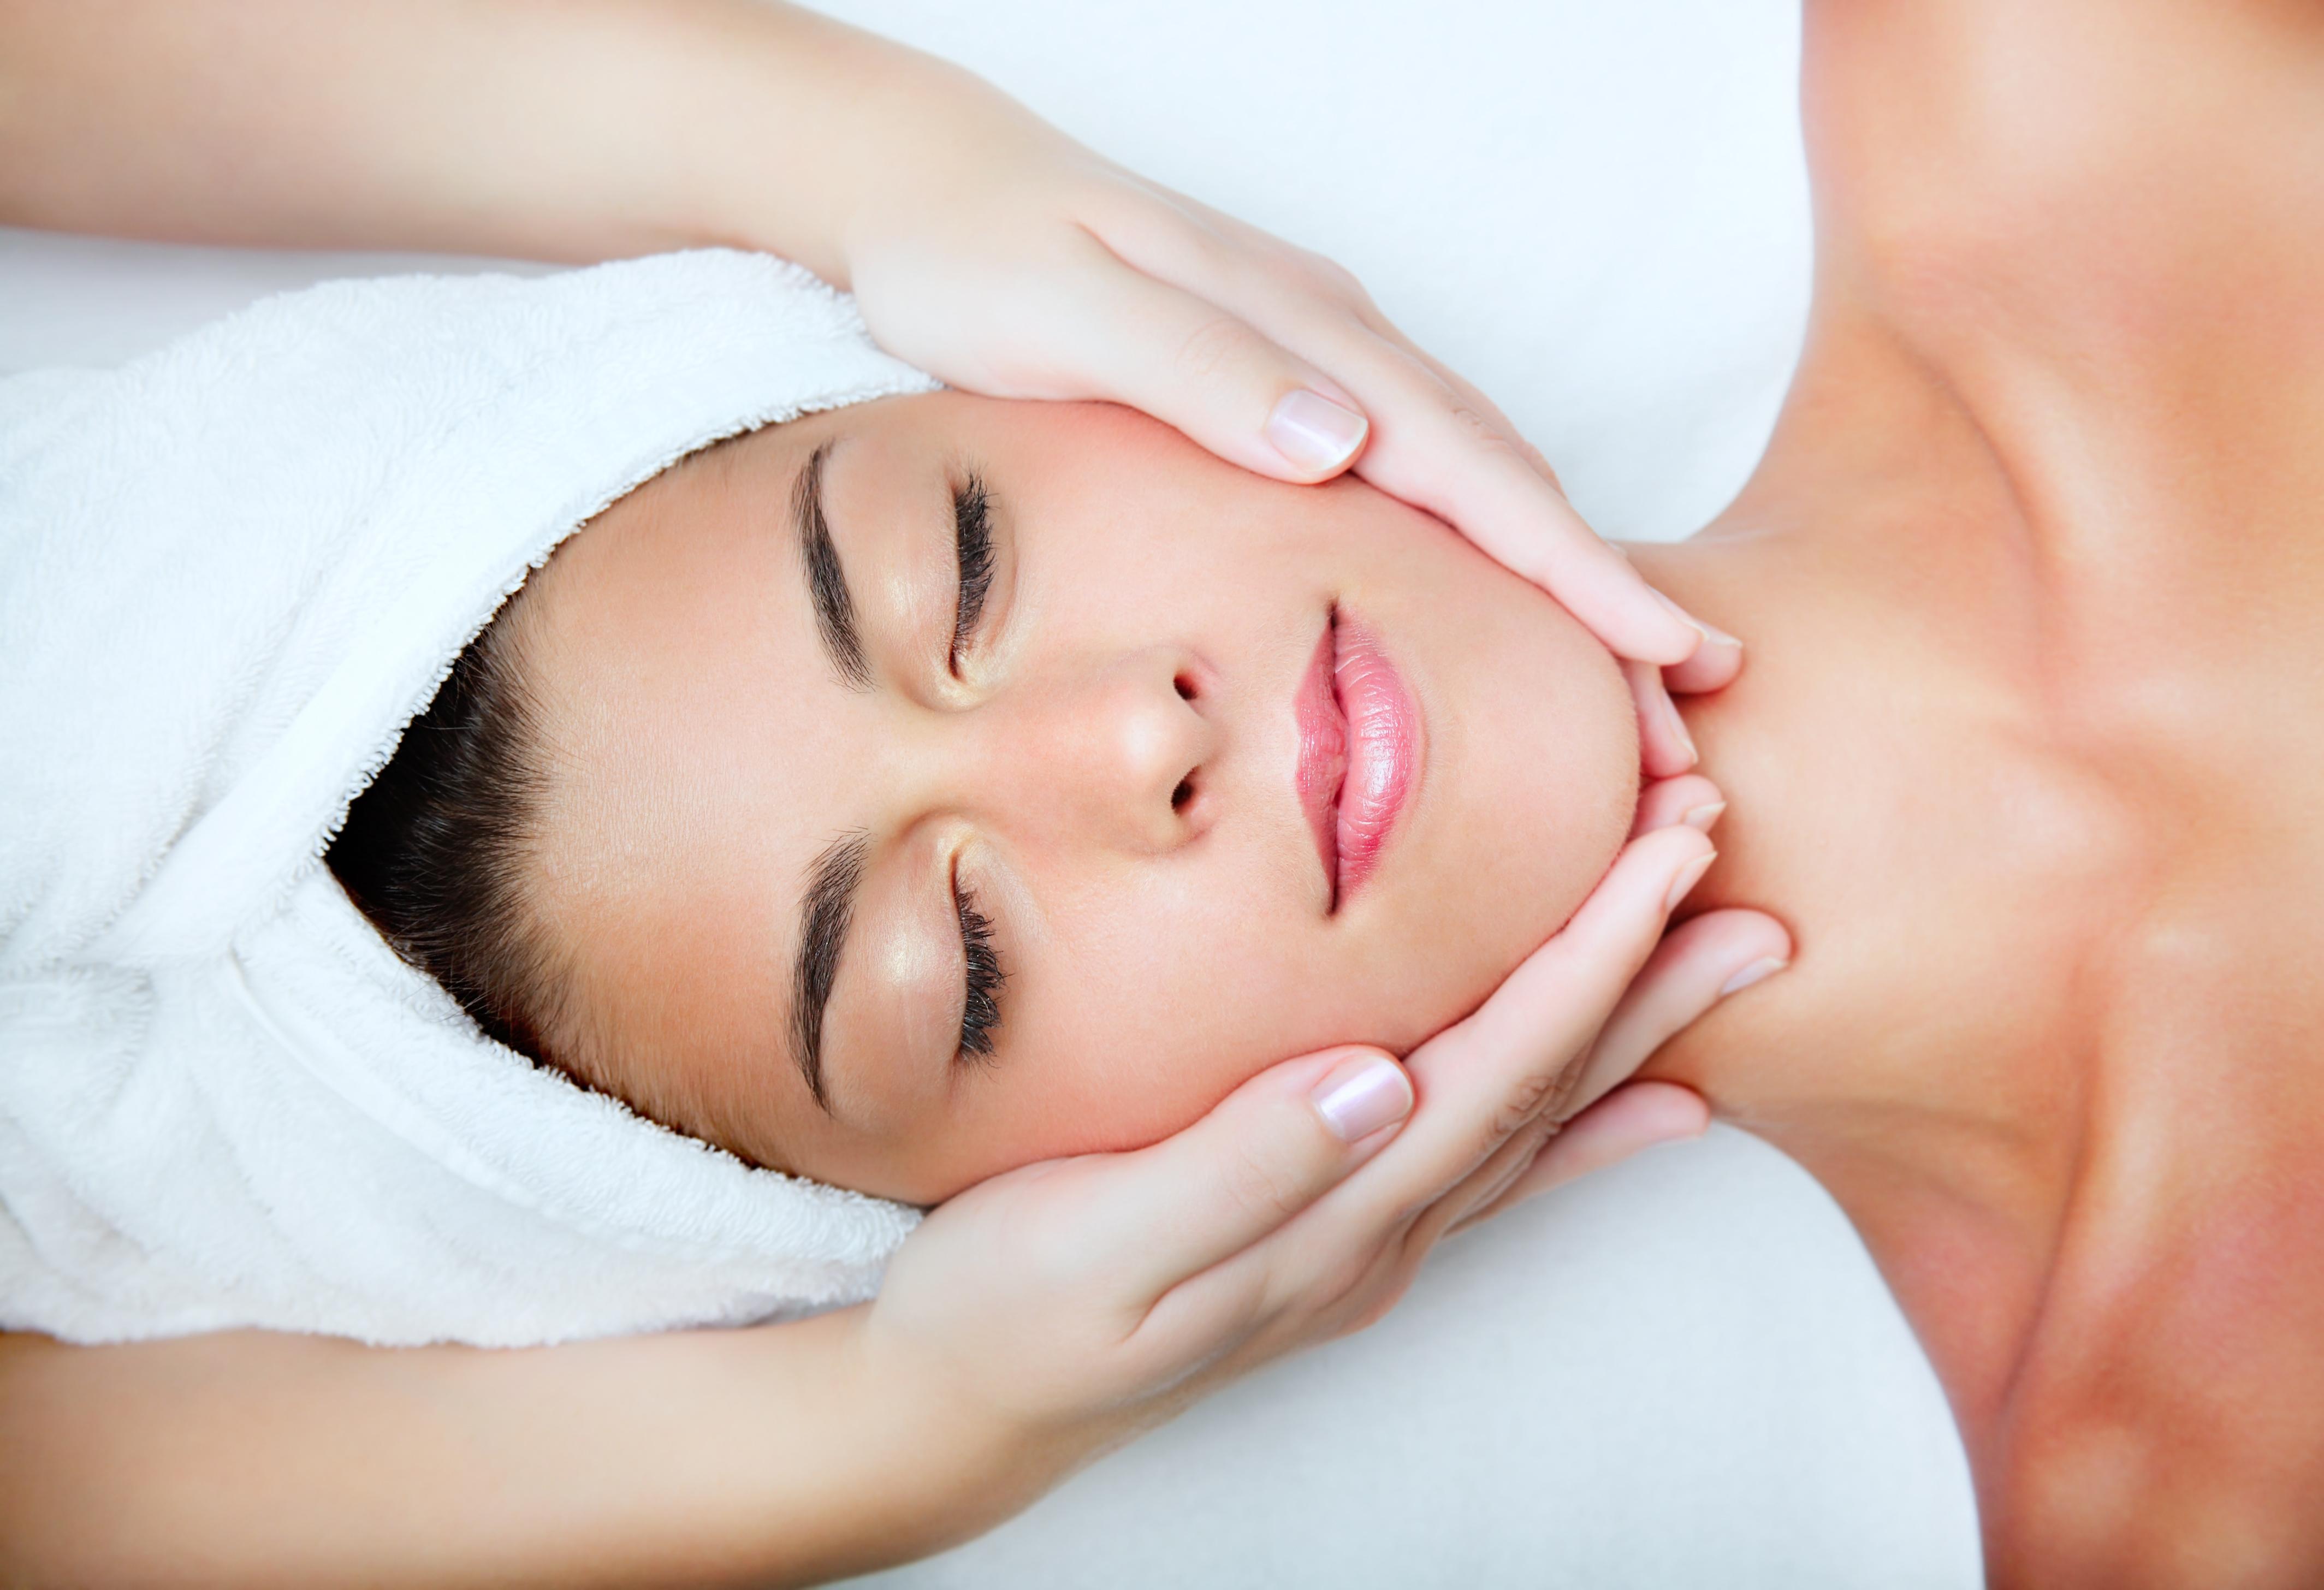 Comment prendre soin de votre visage? Conseils utiles et cosmétiques efficaces